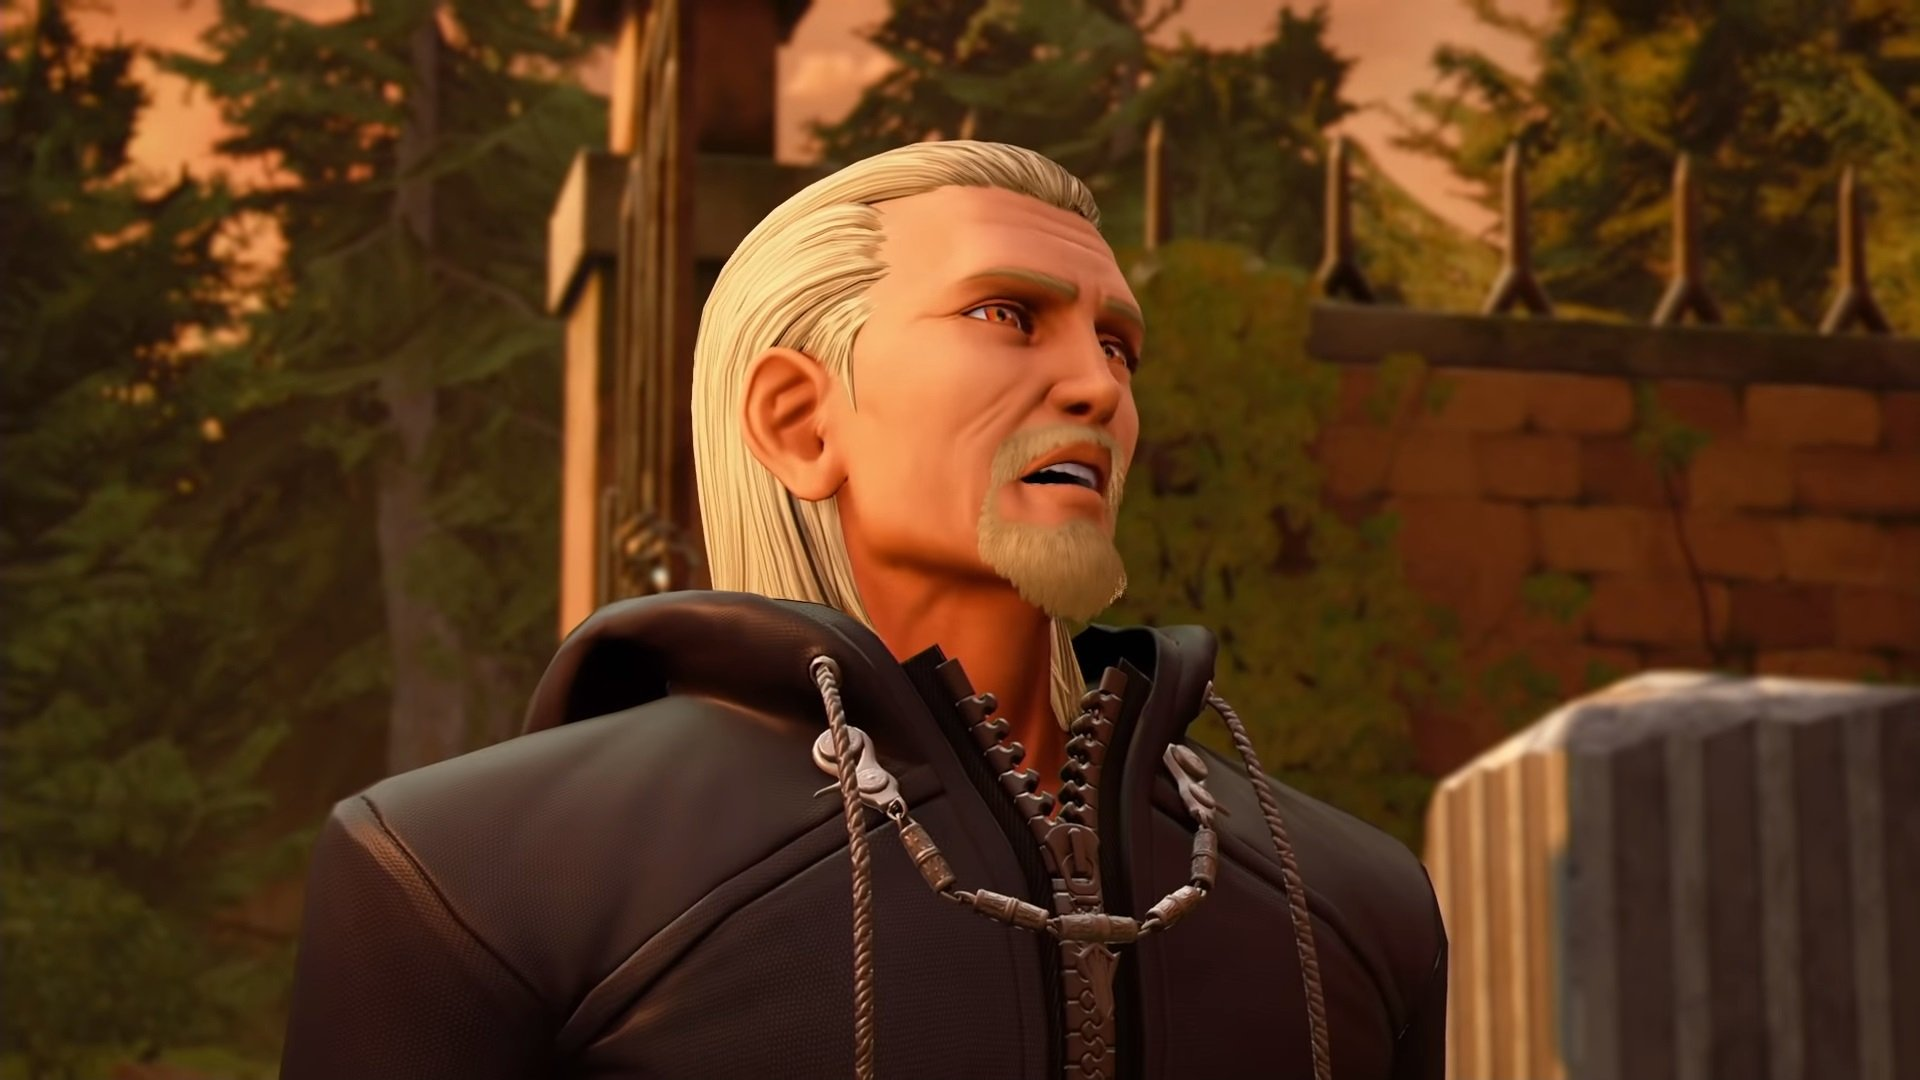 Kingdom Hearts 3 Final Battle trailer breakdown